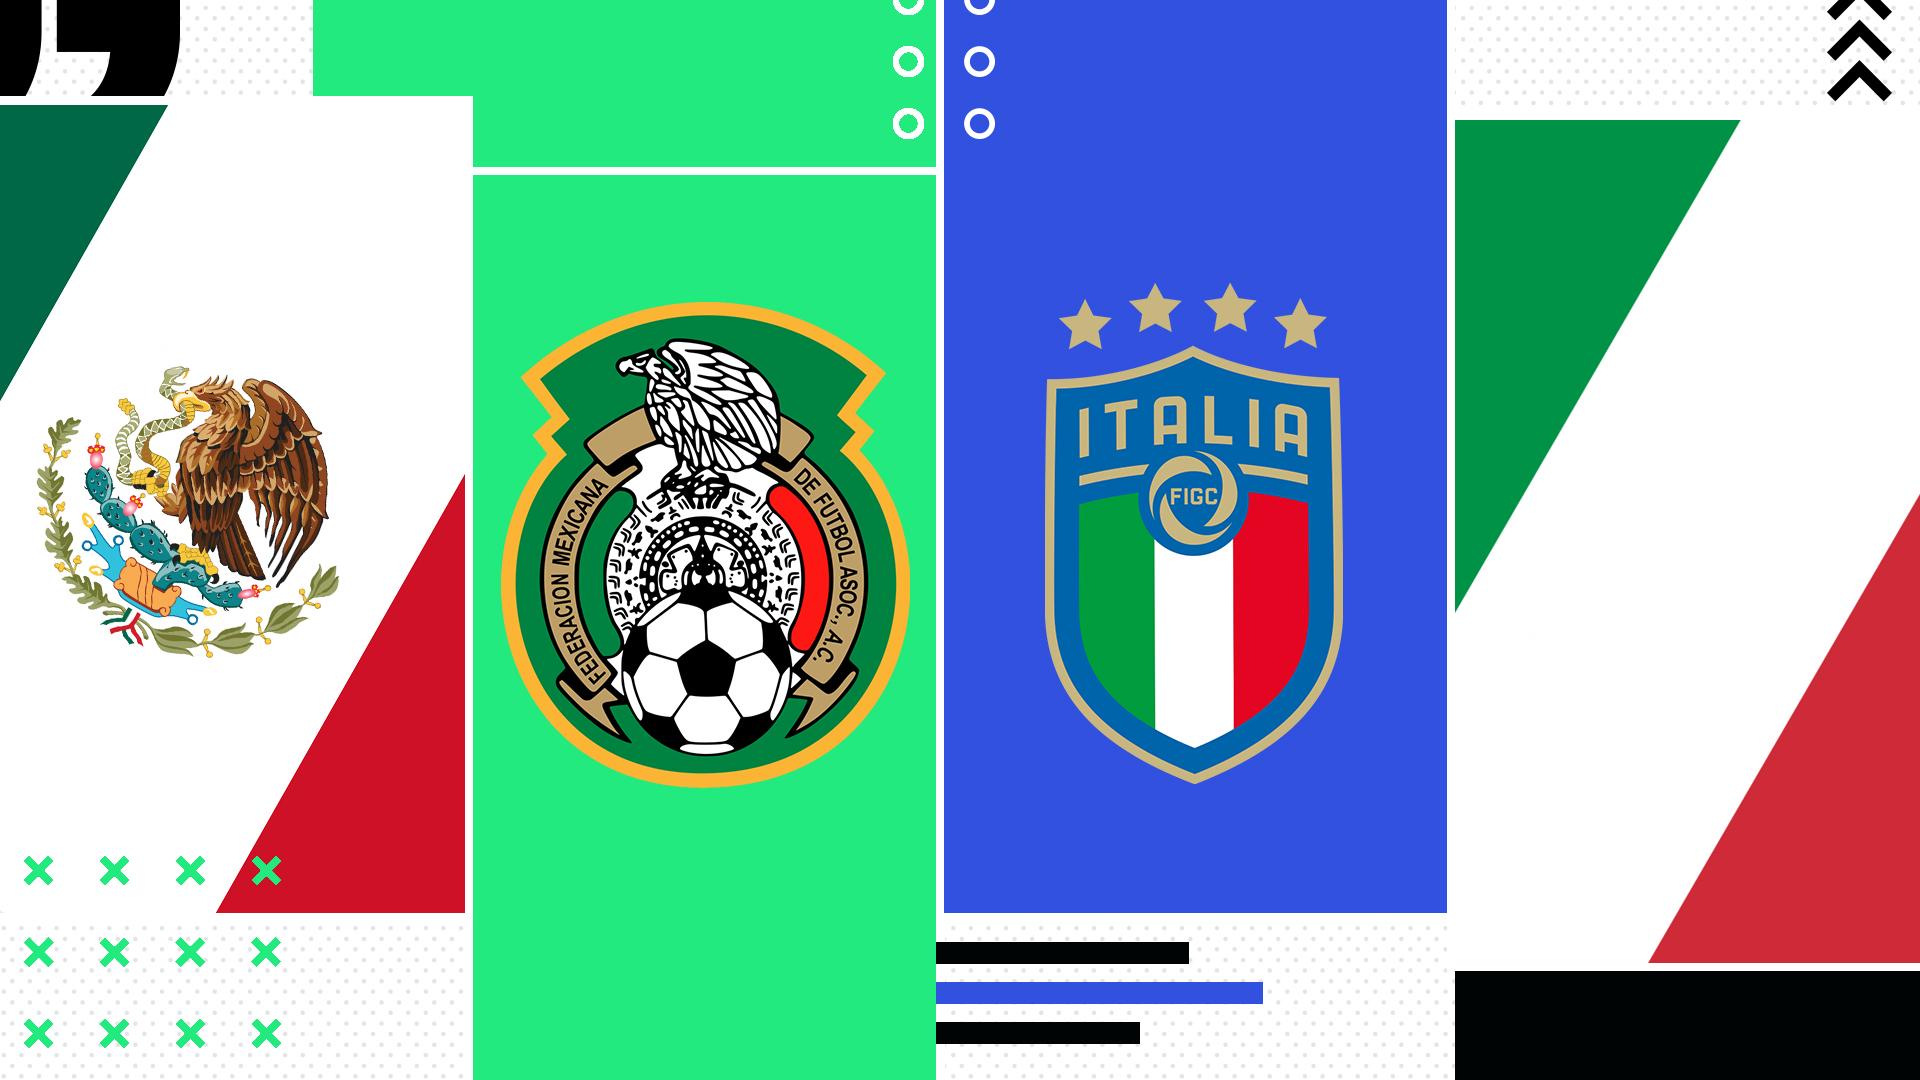 Mondiali Under 20, Ecuador-Italia in chiaro e su Sky